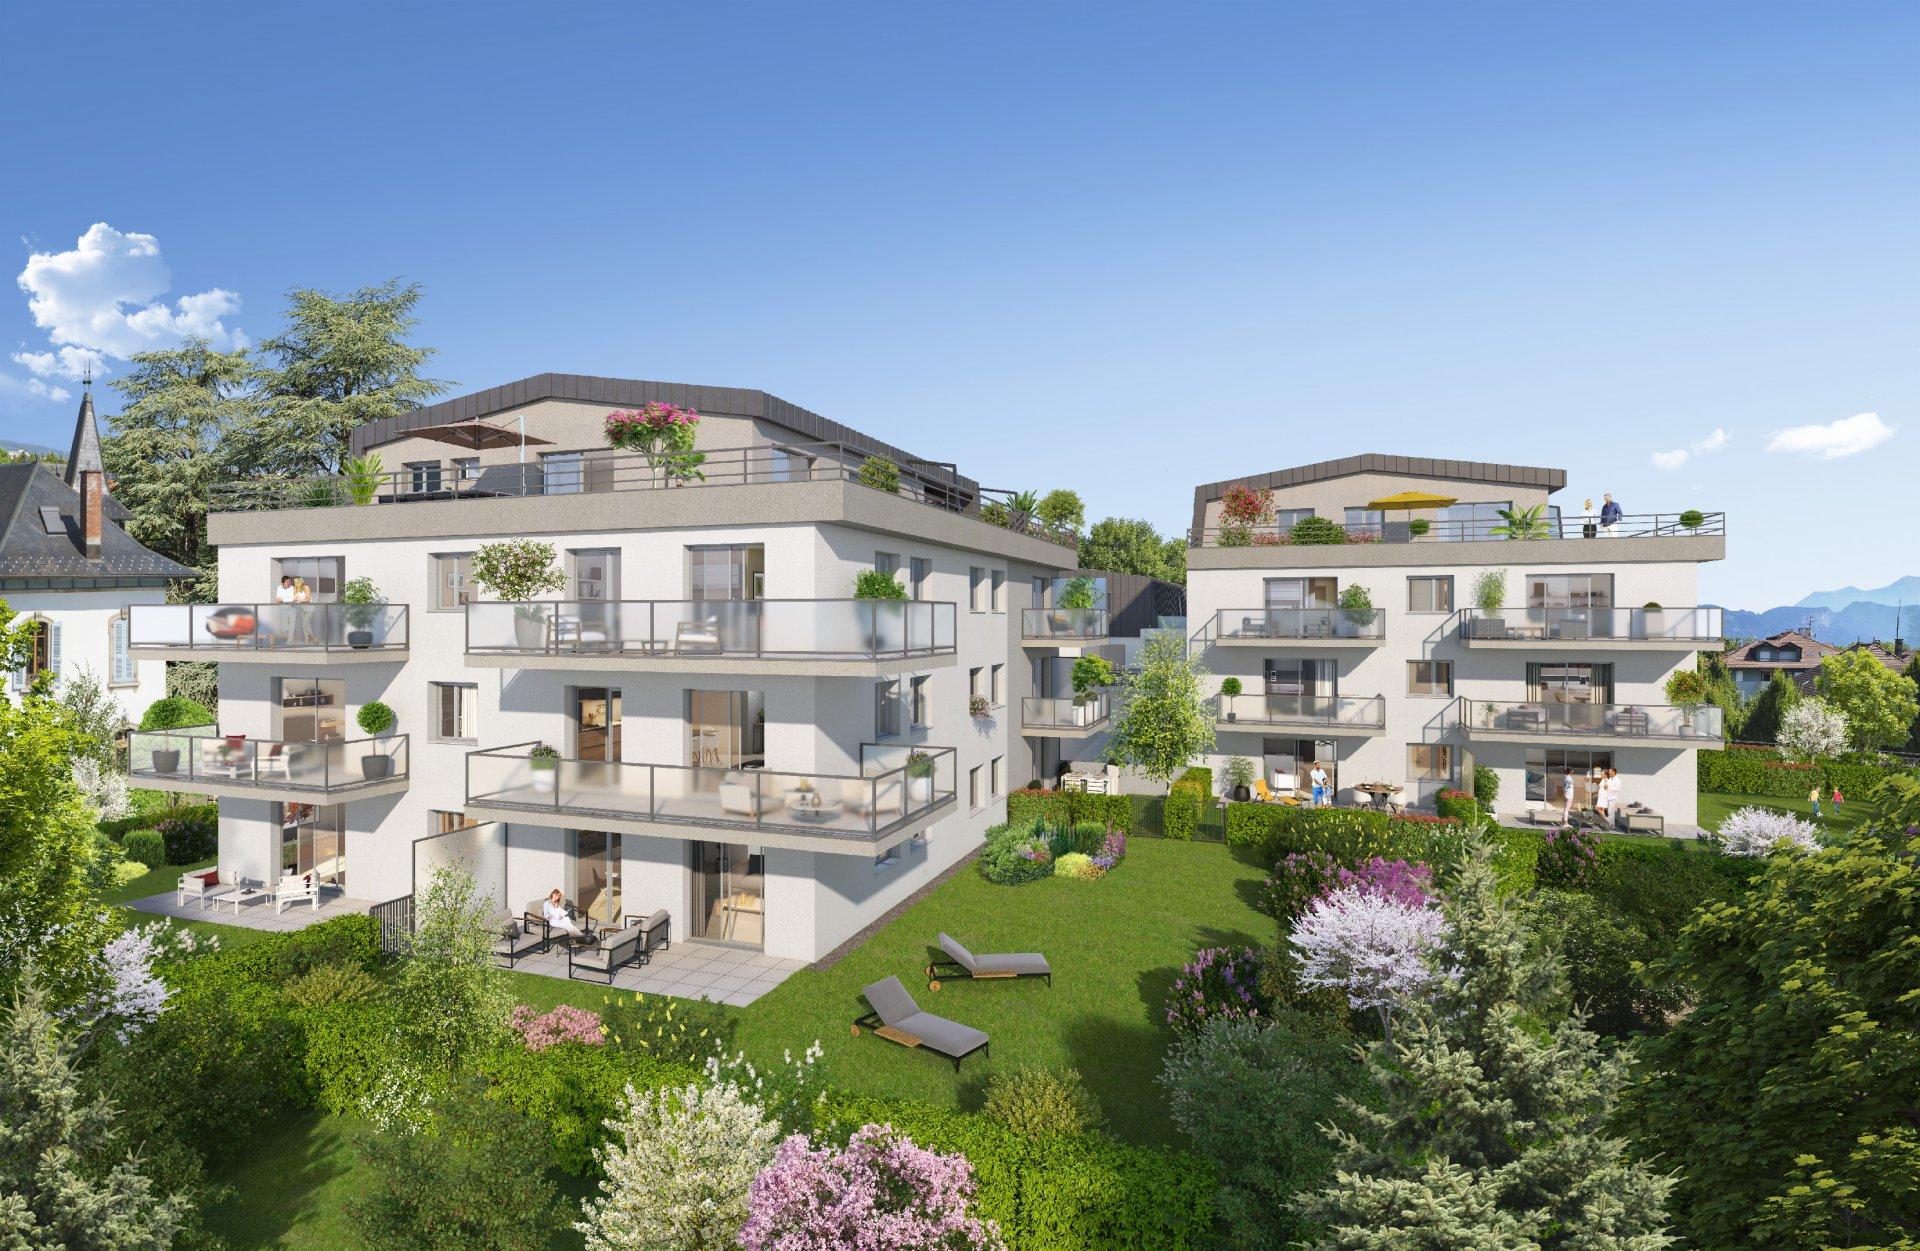 Programme Immeuble - La Roche-sur-Foron